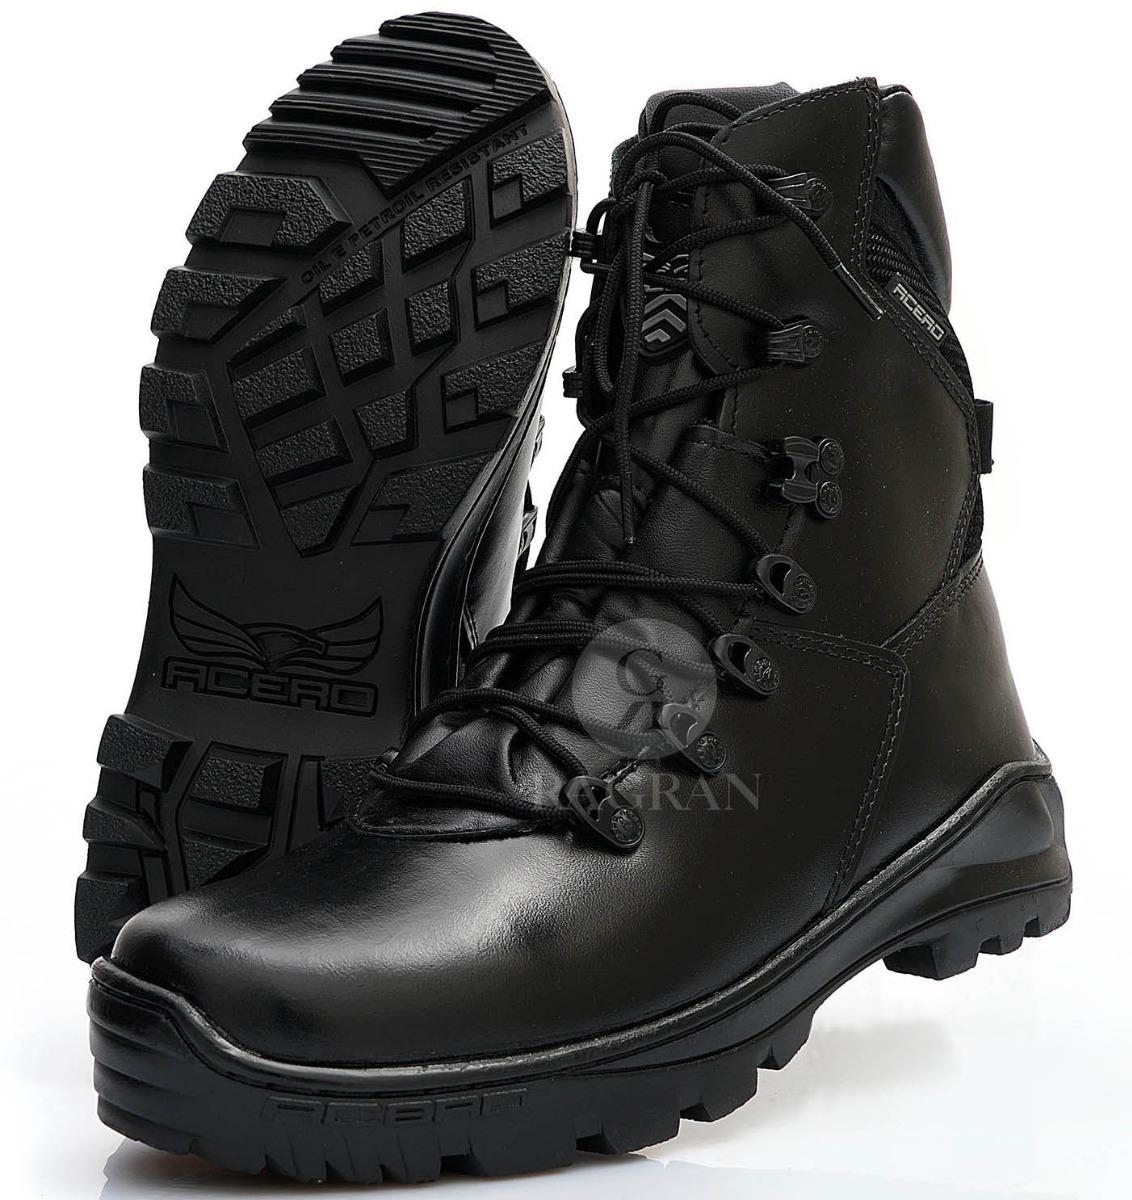 84f060ece bota tática coturno policia seguranca vigilante sapato couro. Carregando  zoom.